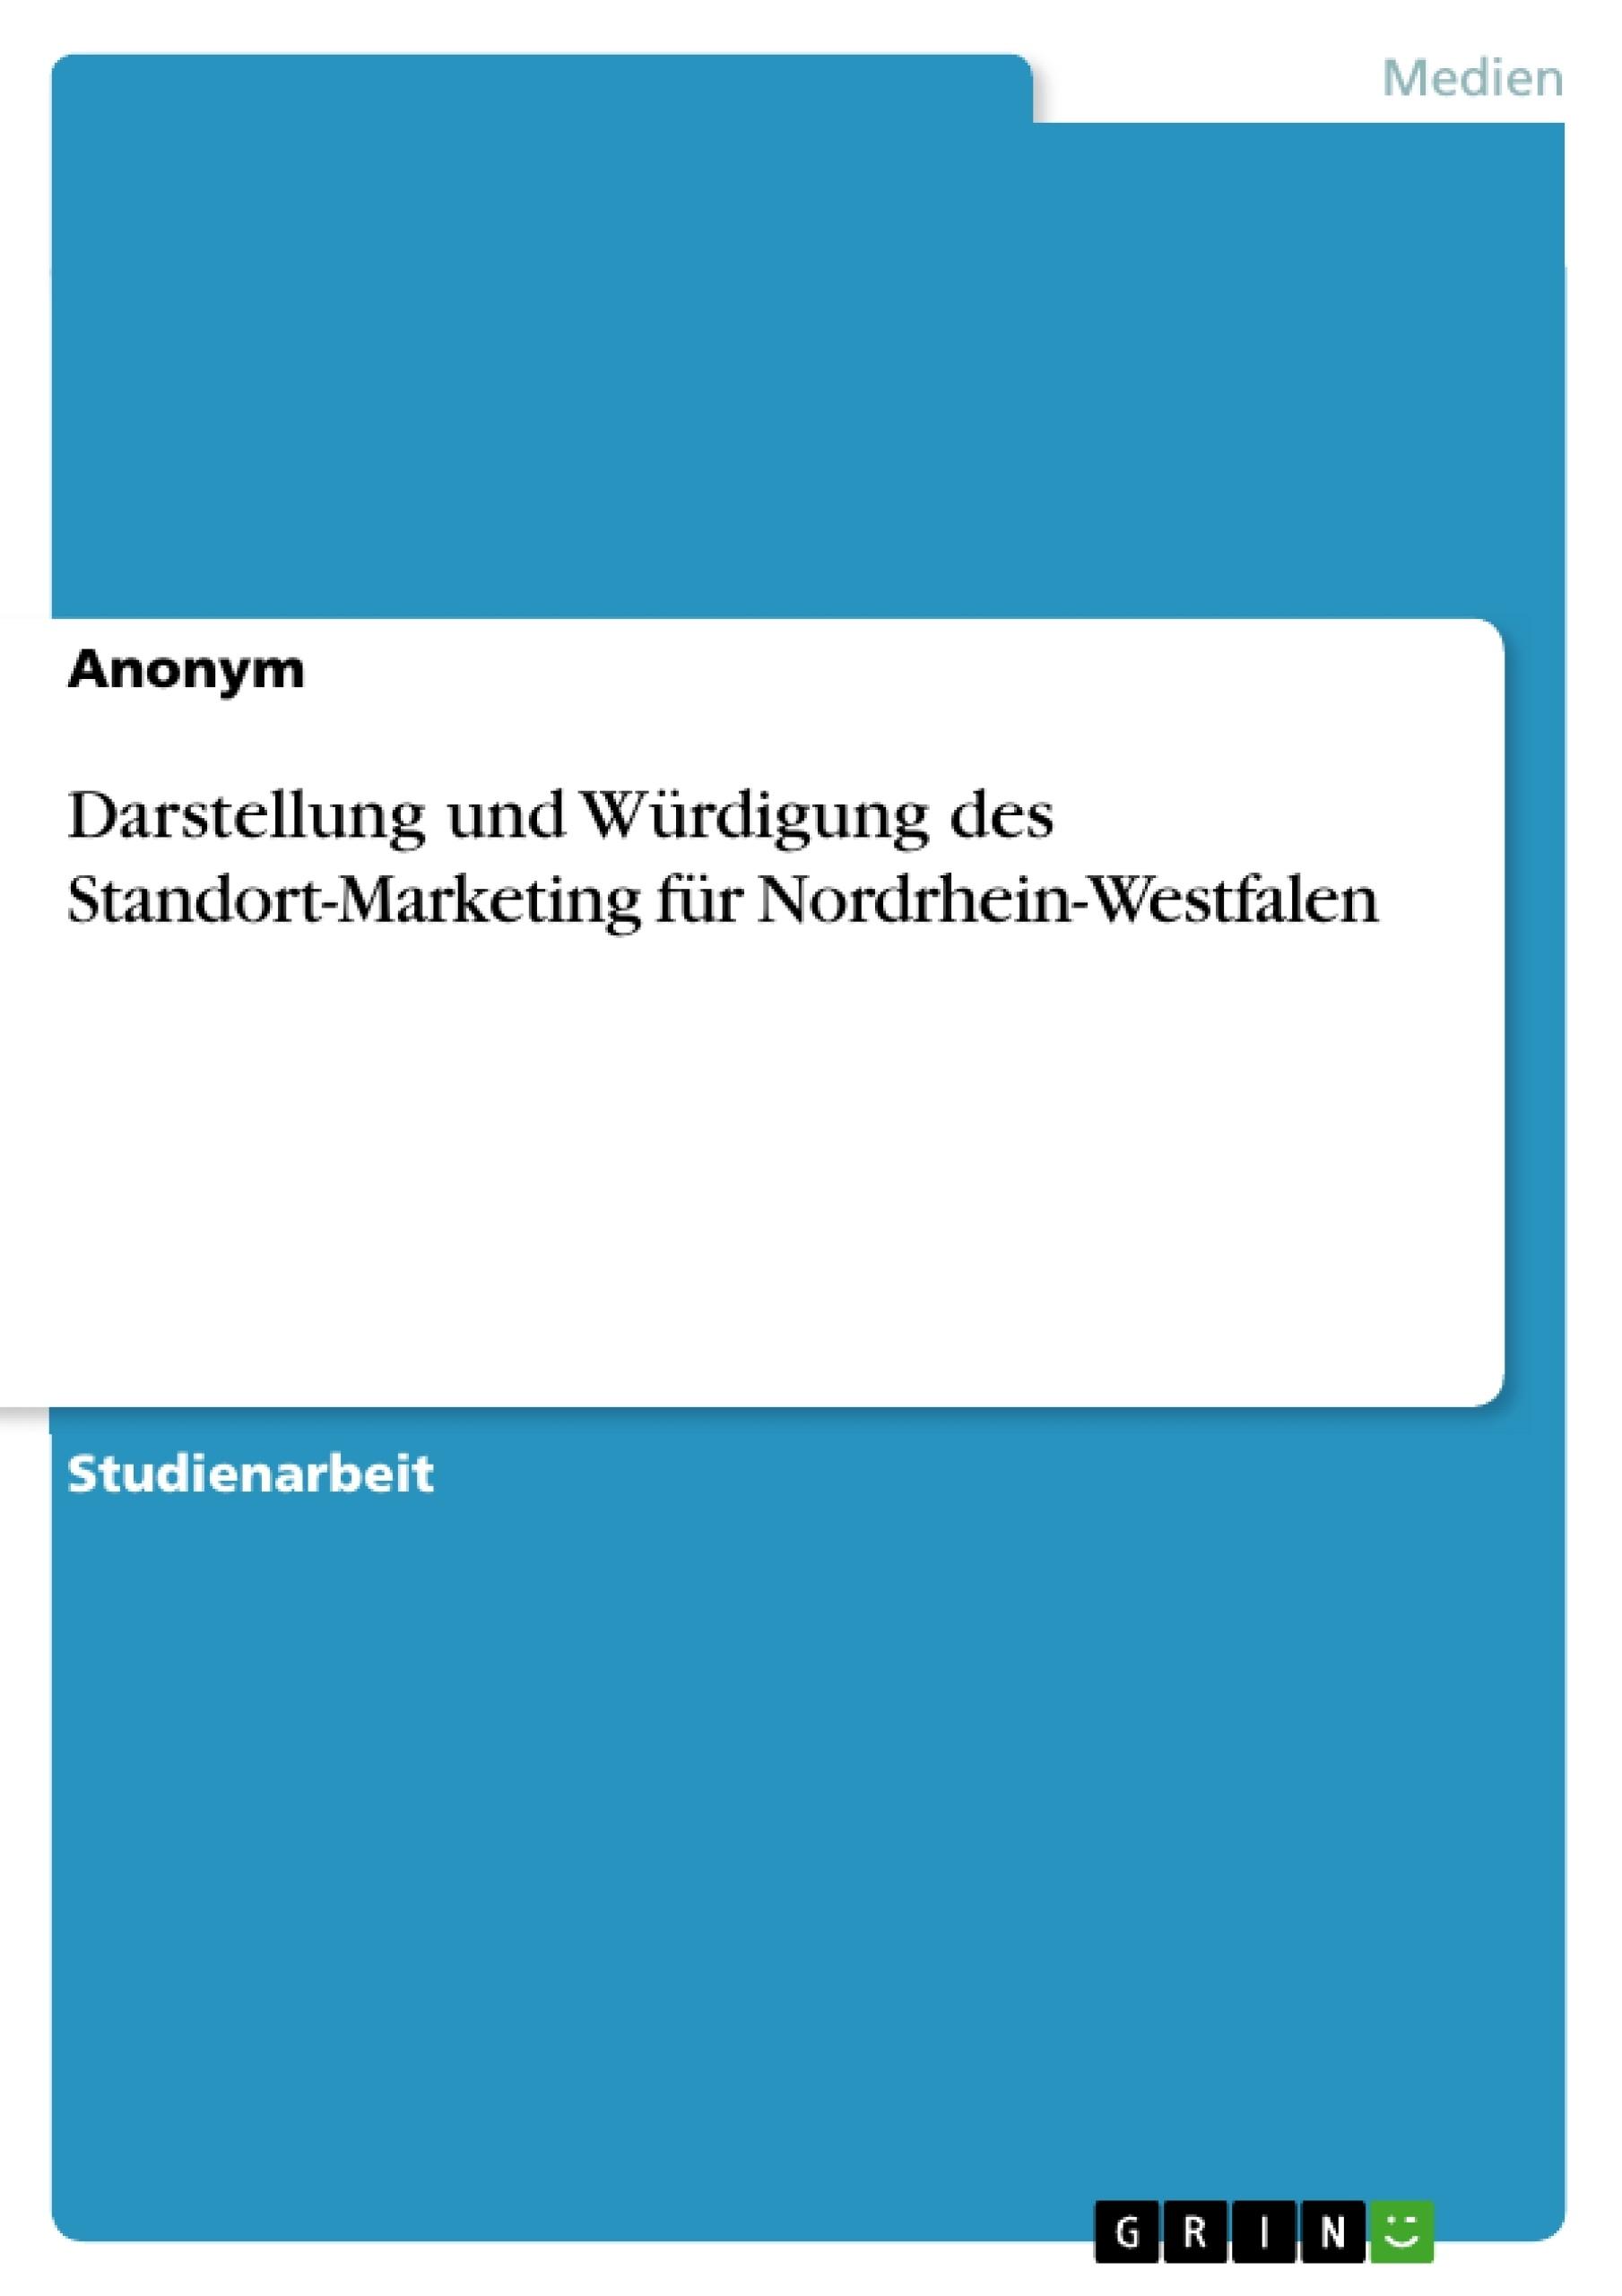 Titel: Darstellung und Würdigung des Standort-Marketing für Nordrhein-Westfalen